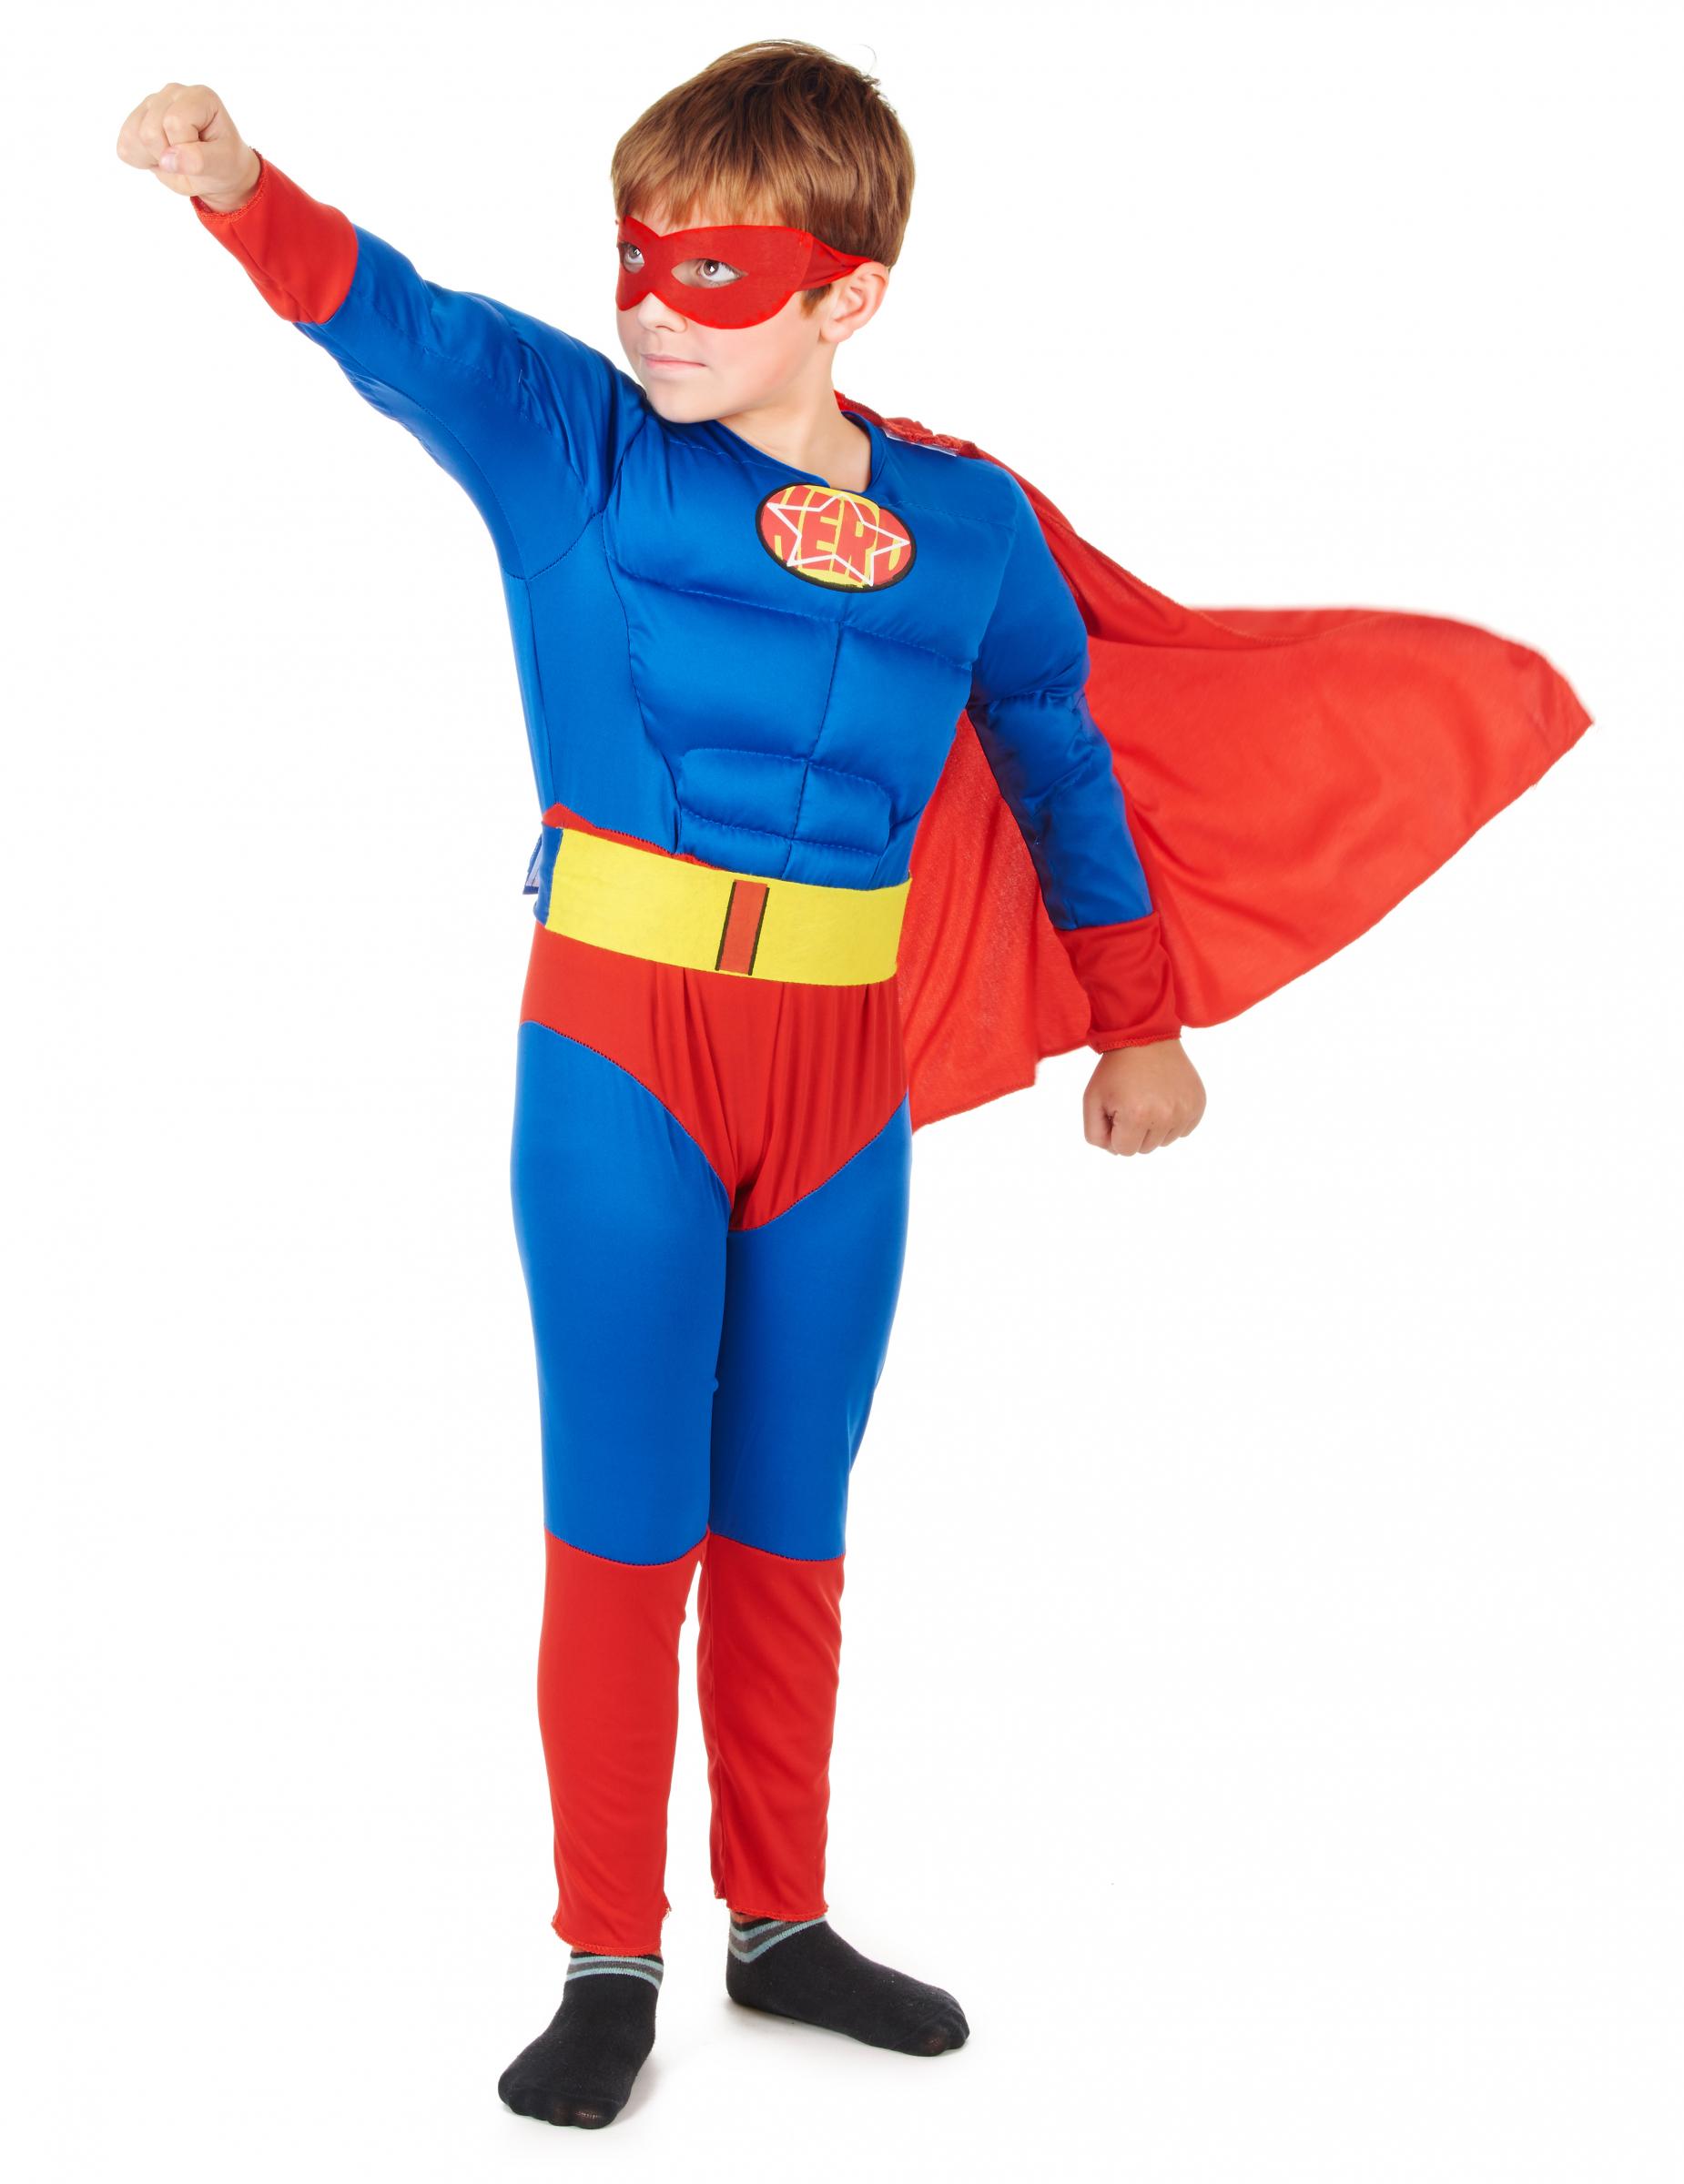 Superhelden-Kostüm für Kinder rot-blau , günstige